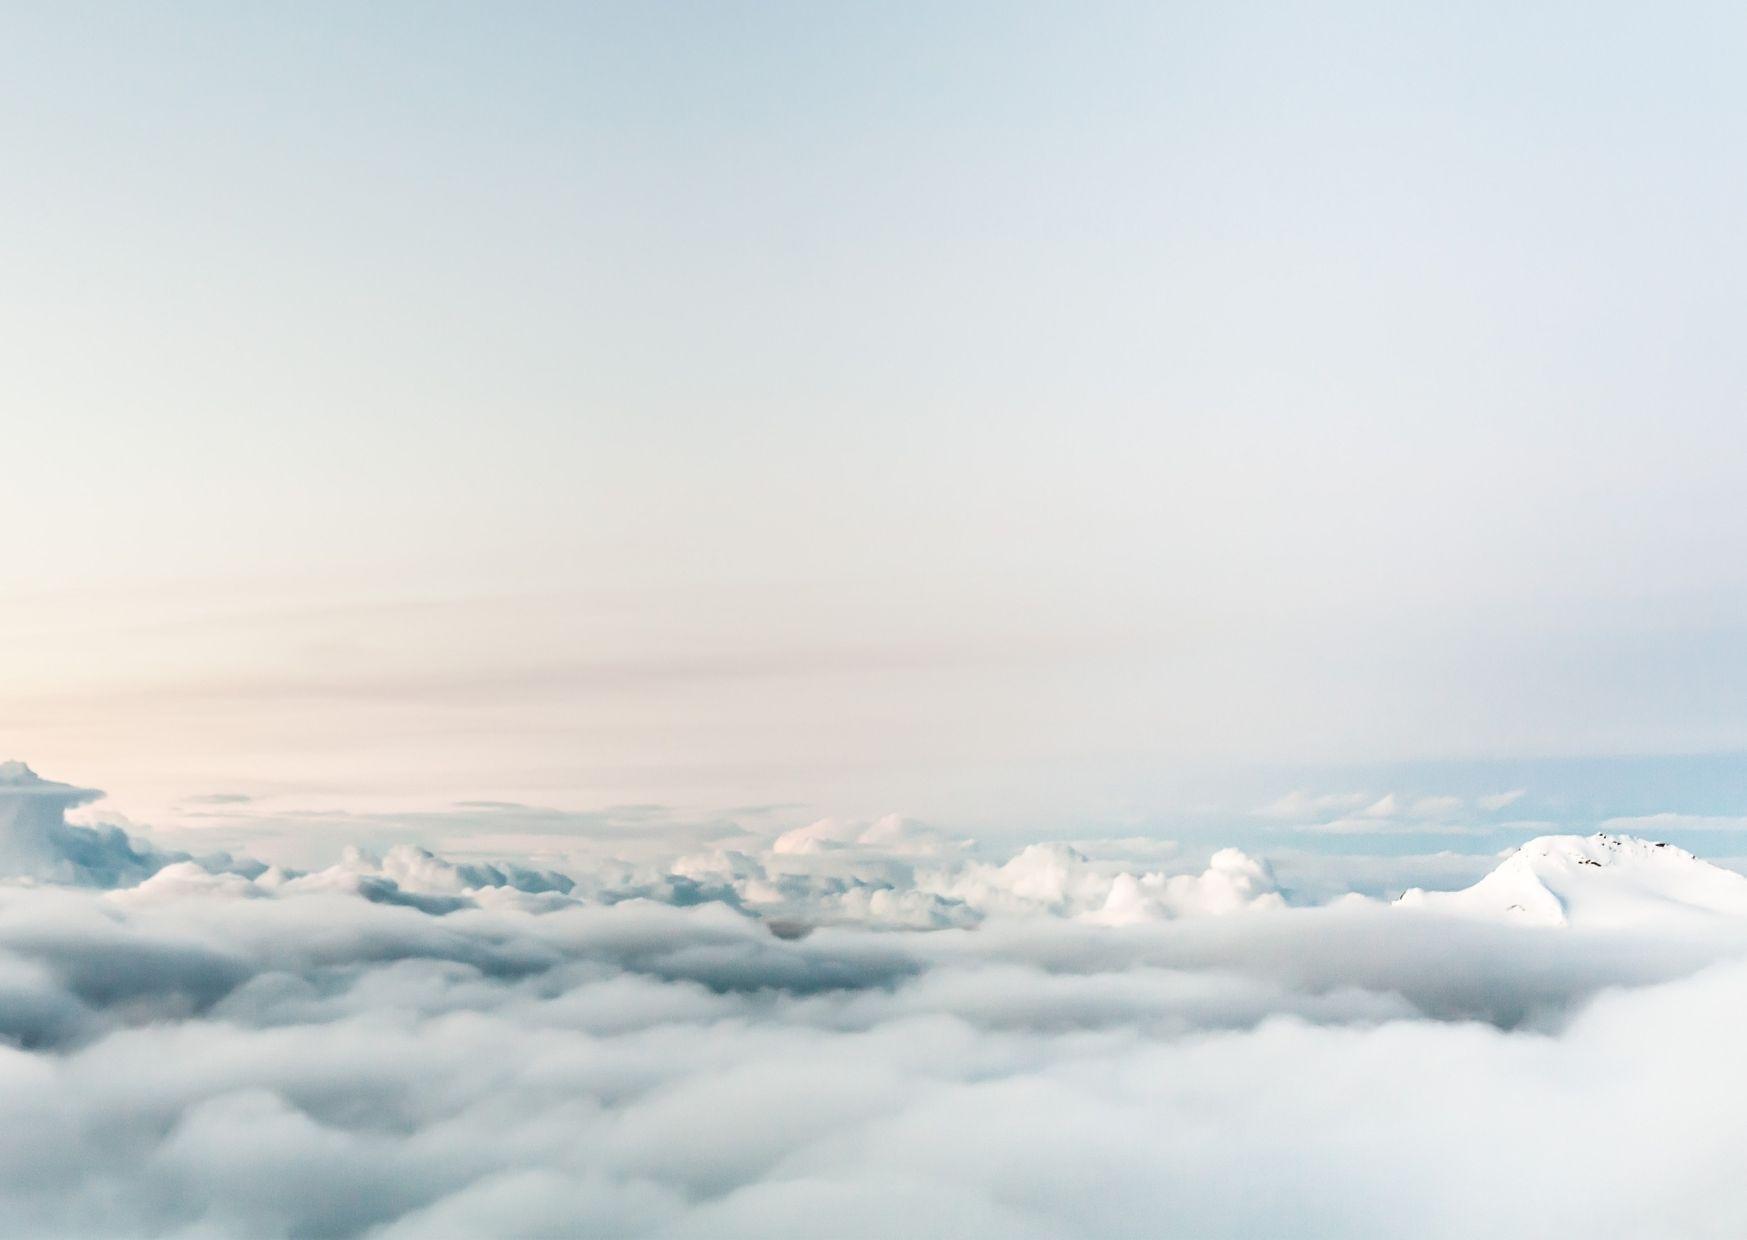 Les nuages peuvent-ils influencer notre climat ?